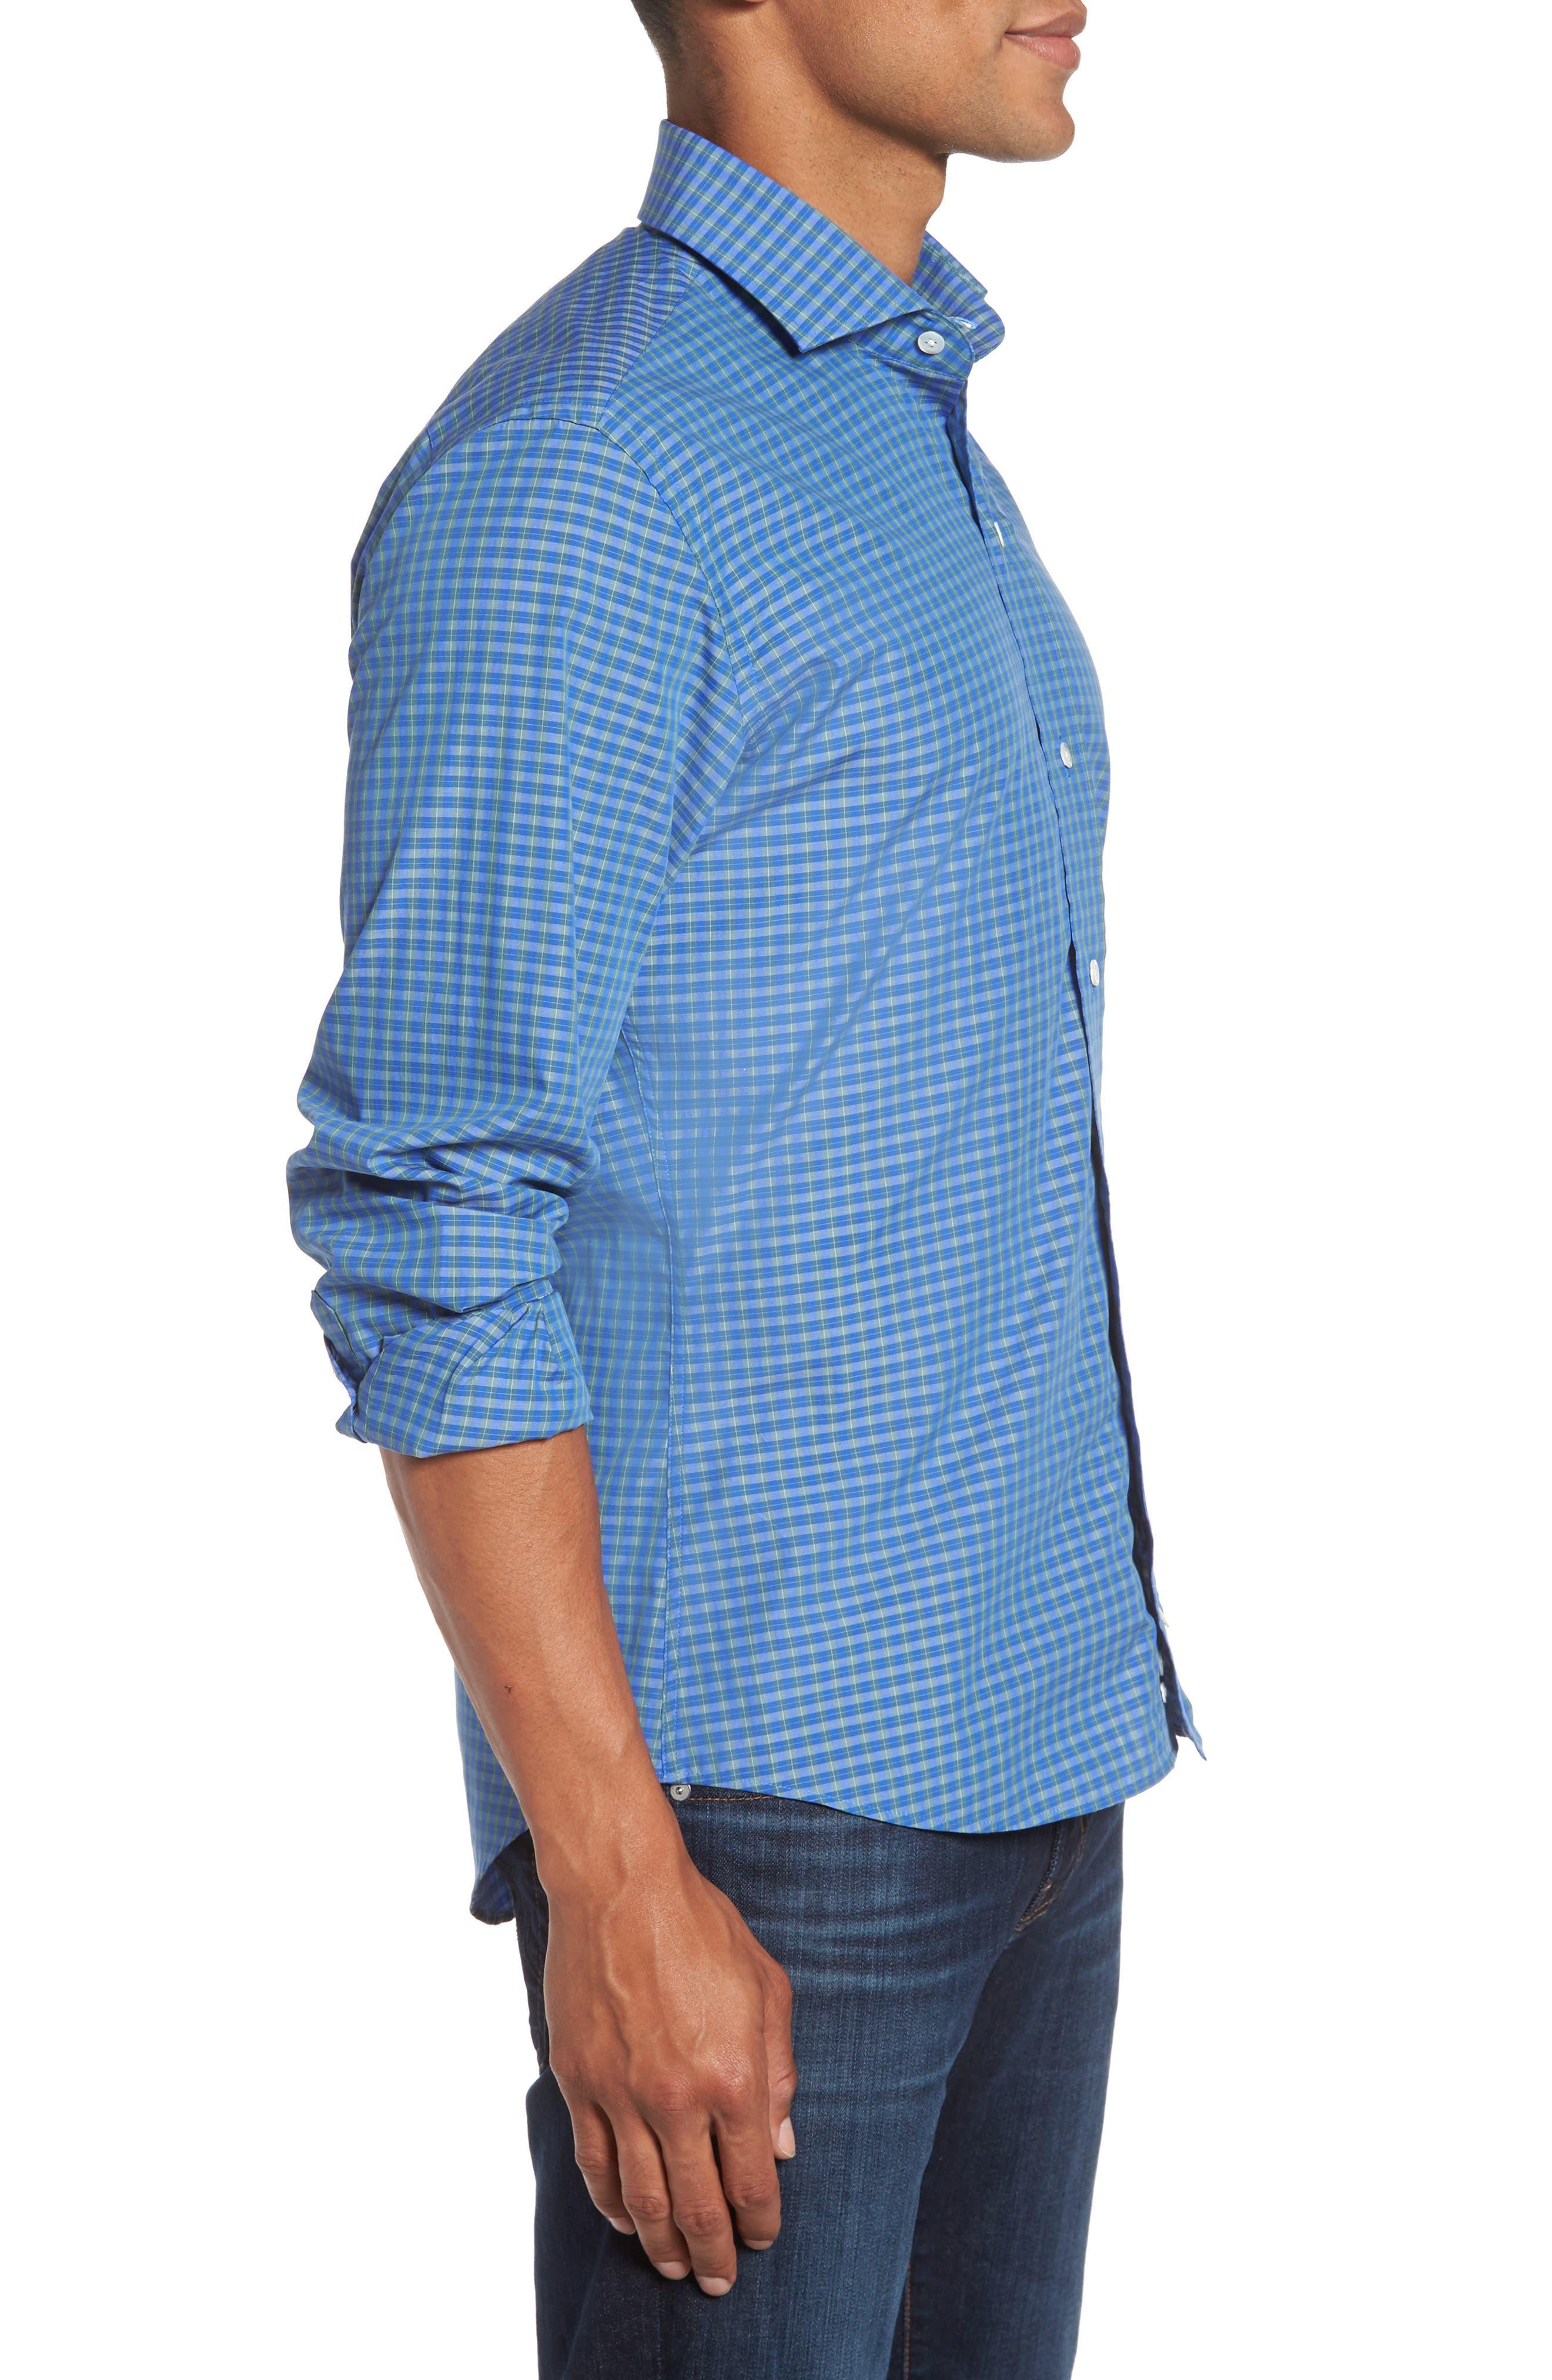 Alden Slim Fit Plaid Sport Shirt,                             Alternate thumbnail 3, color,                             306